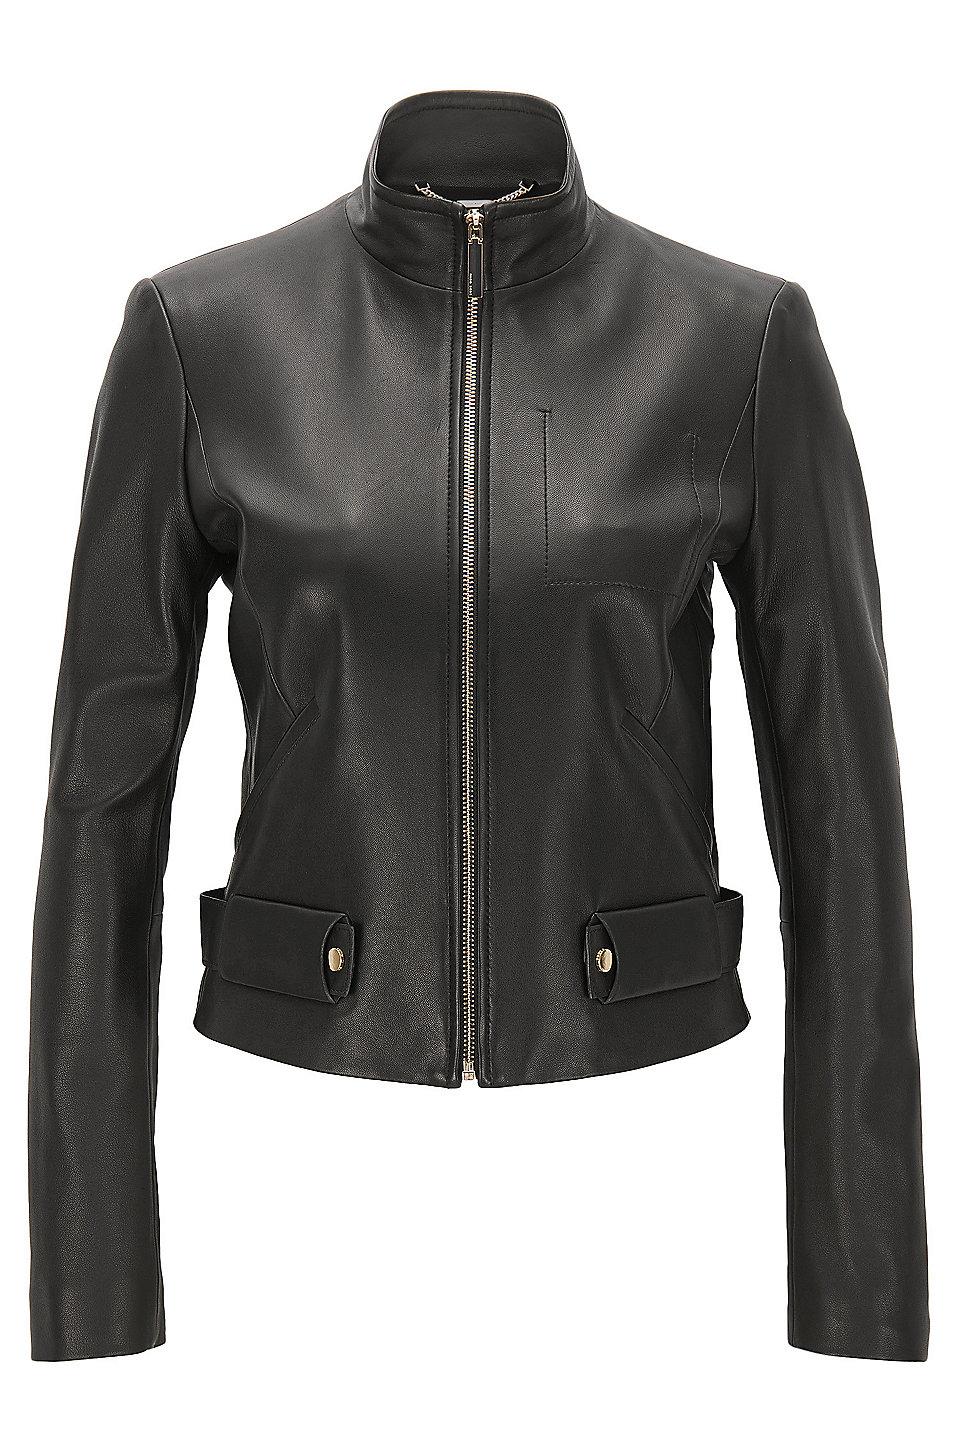 HUGO BOSS® Women's Jackets and Coats